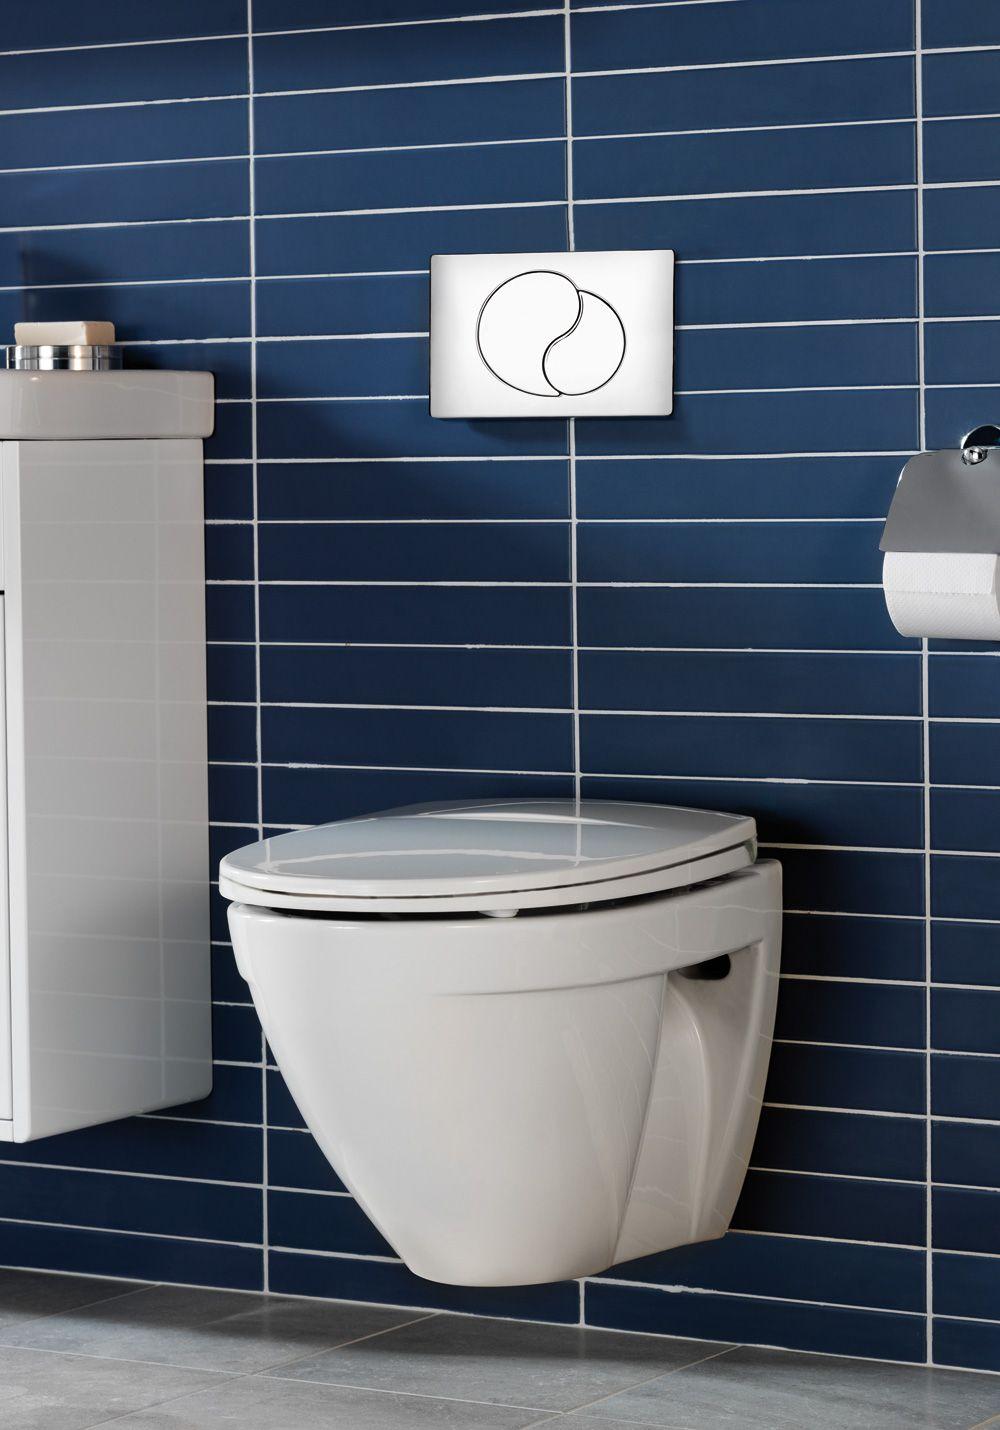 MOON TOALETT 500 FØR VEGG | Bath | Pinterest | Bath